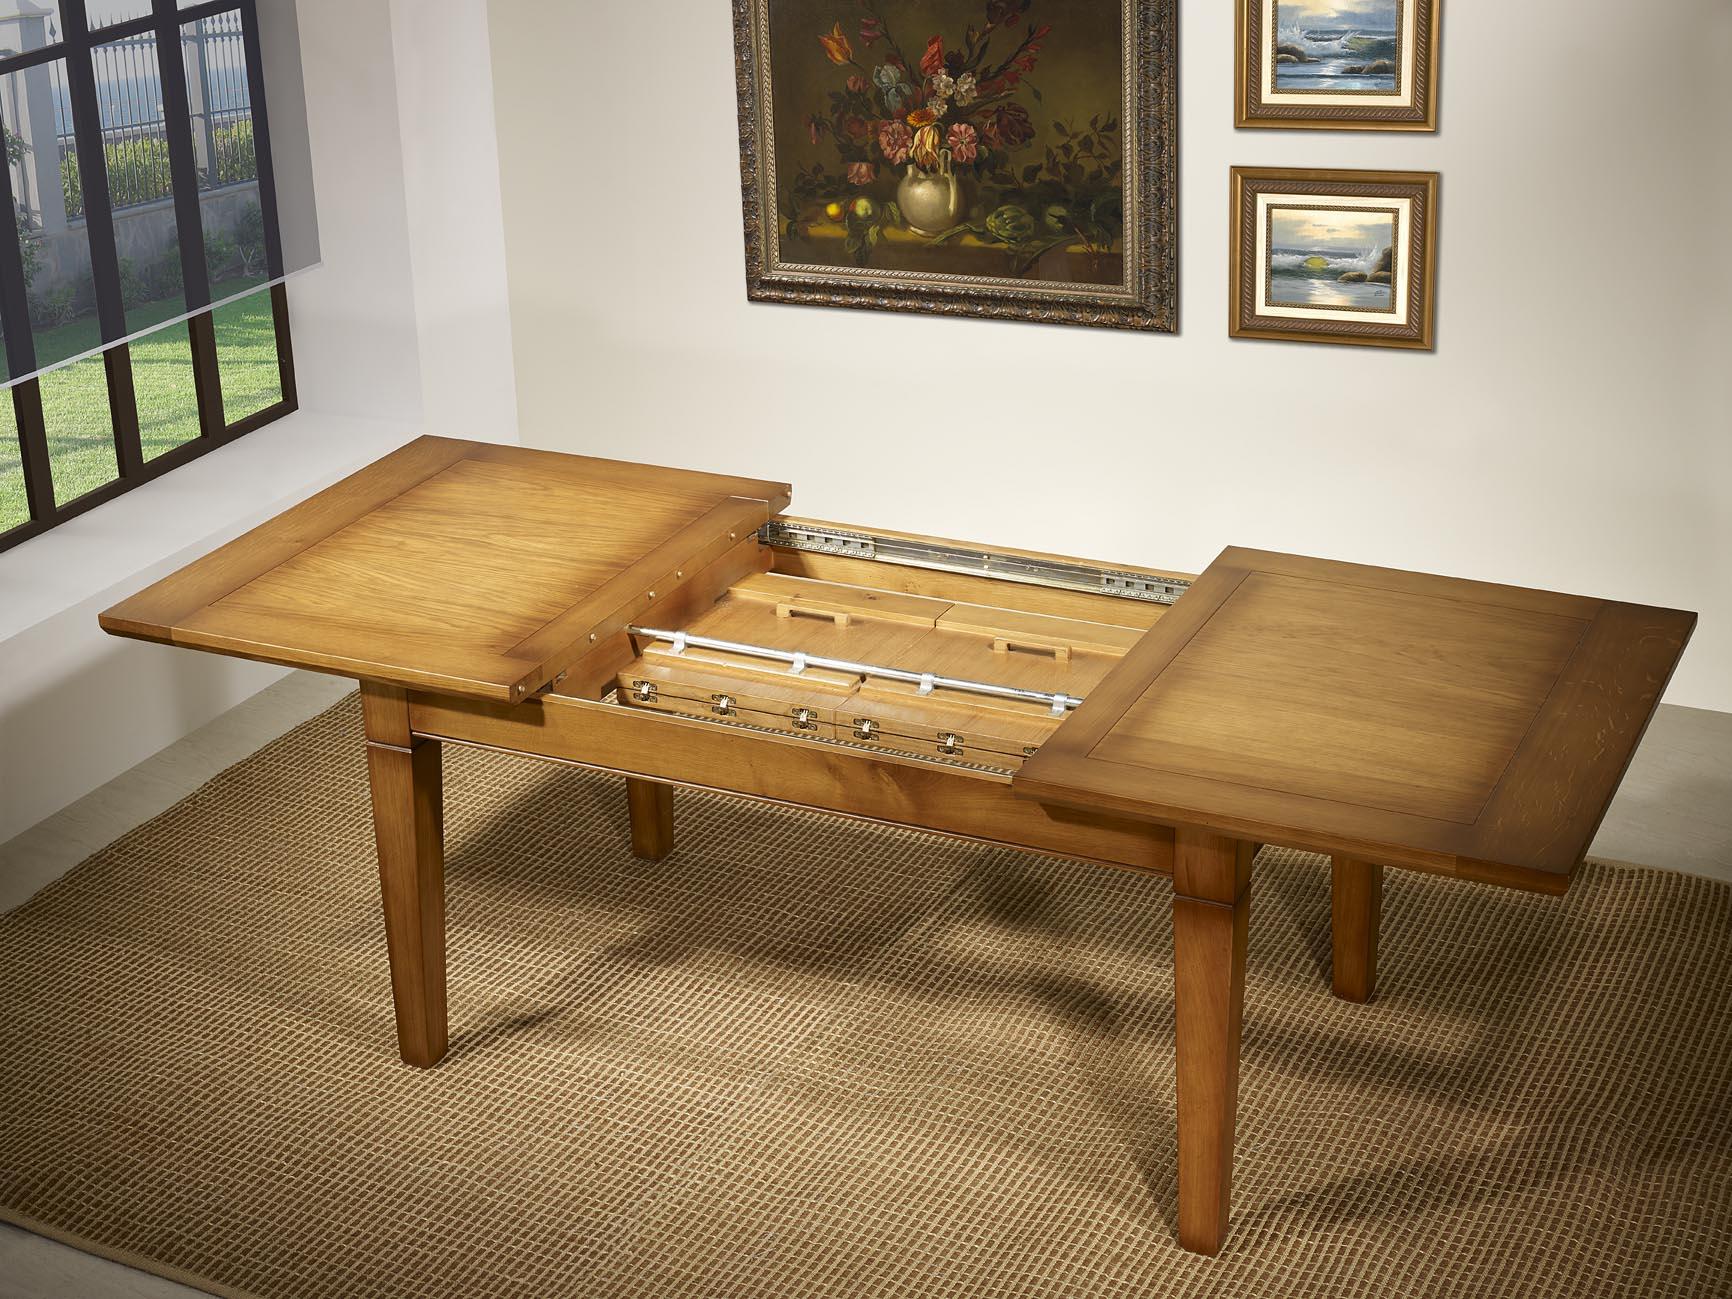 table rectangulaire 160 100 en ch ne de style louis philippe meuble en ch ne. Black Bedroom Furniture Sets. Home Design Ideas